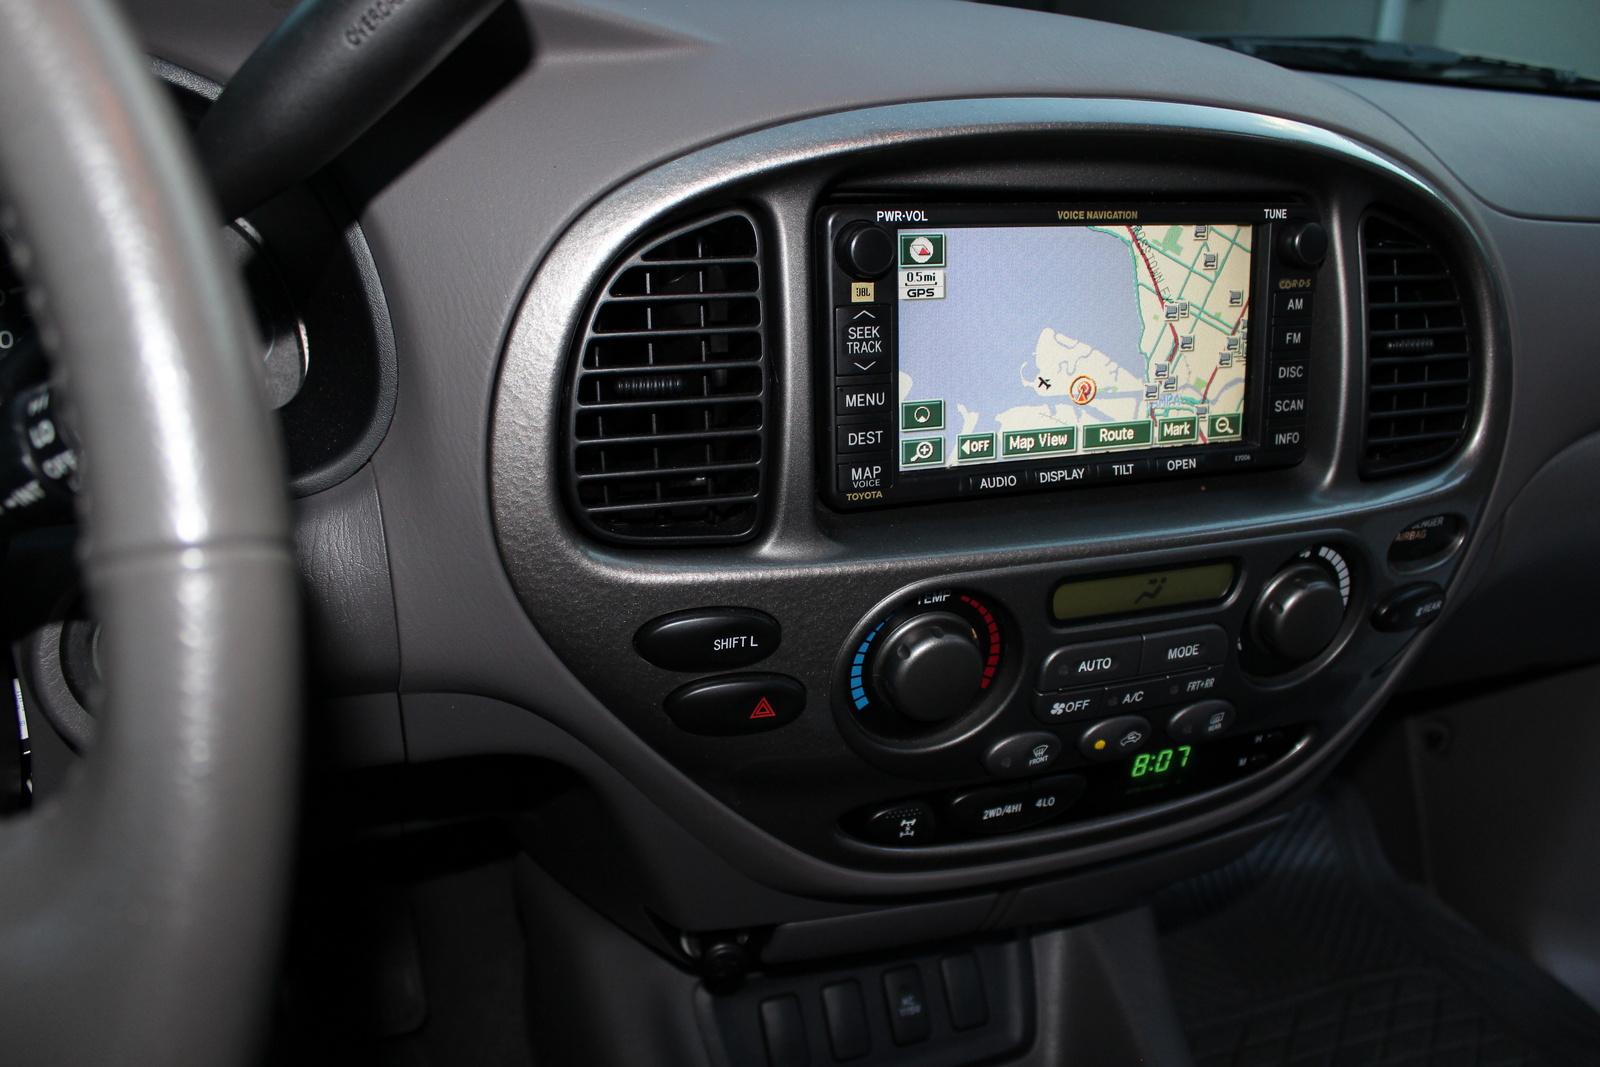 2007 Toyota Sequoia Interior Pictures Cargurus